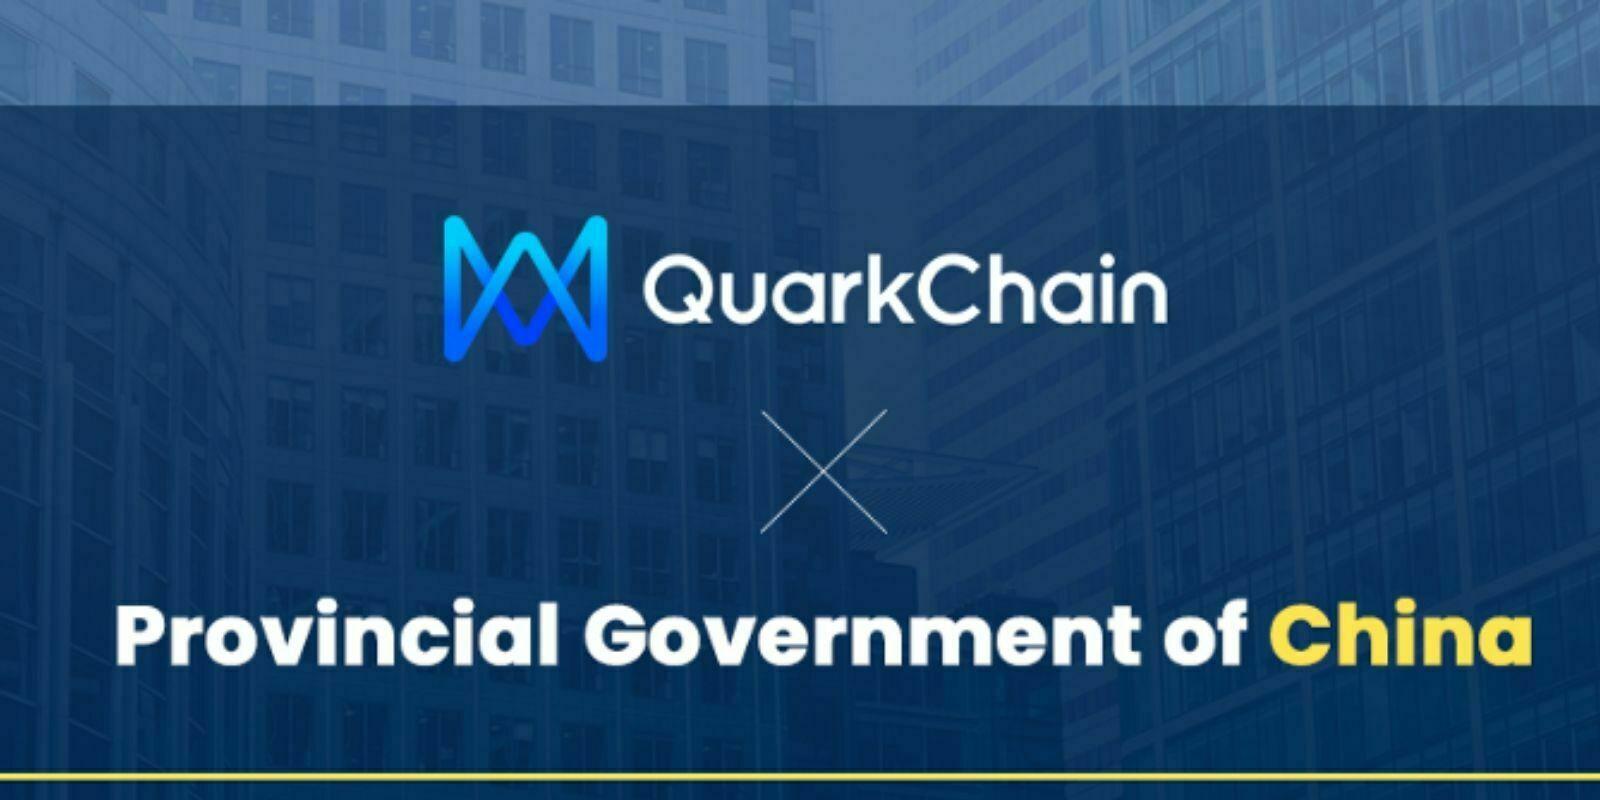 La Chine collabore avec Quarkchain pour tracer ses ressources minérales